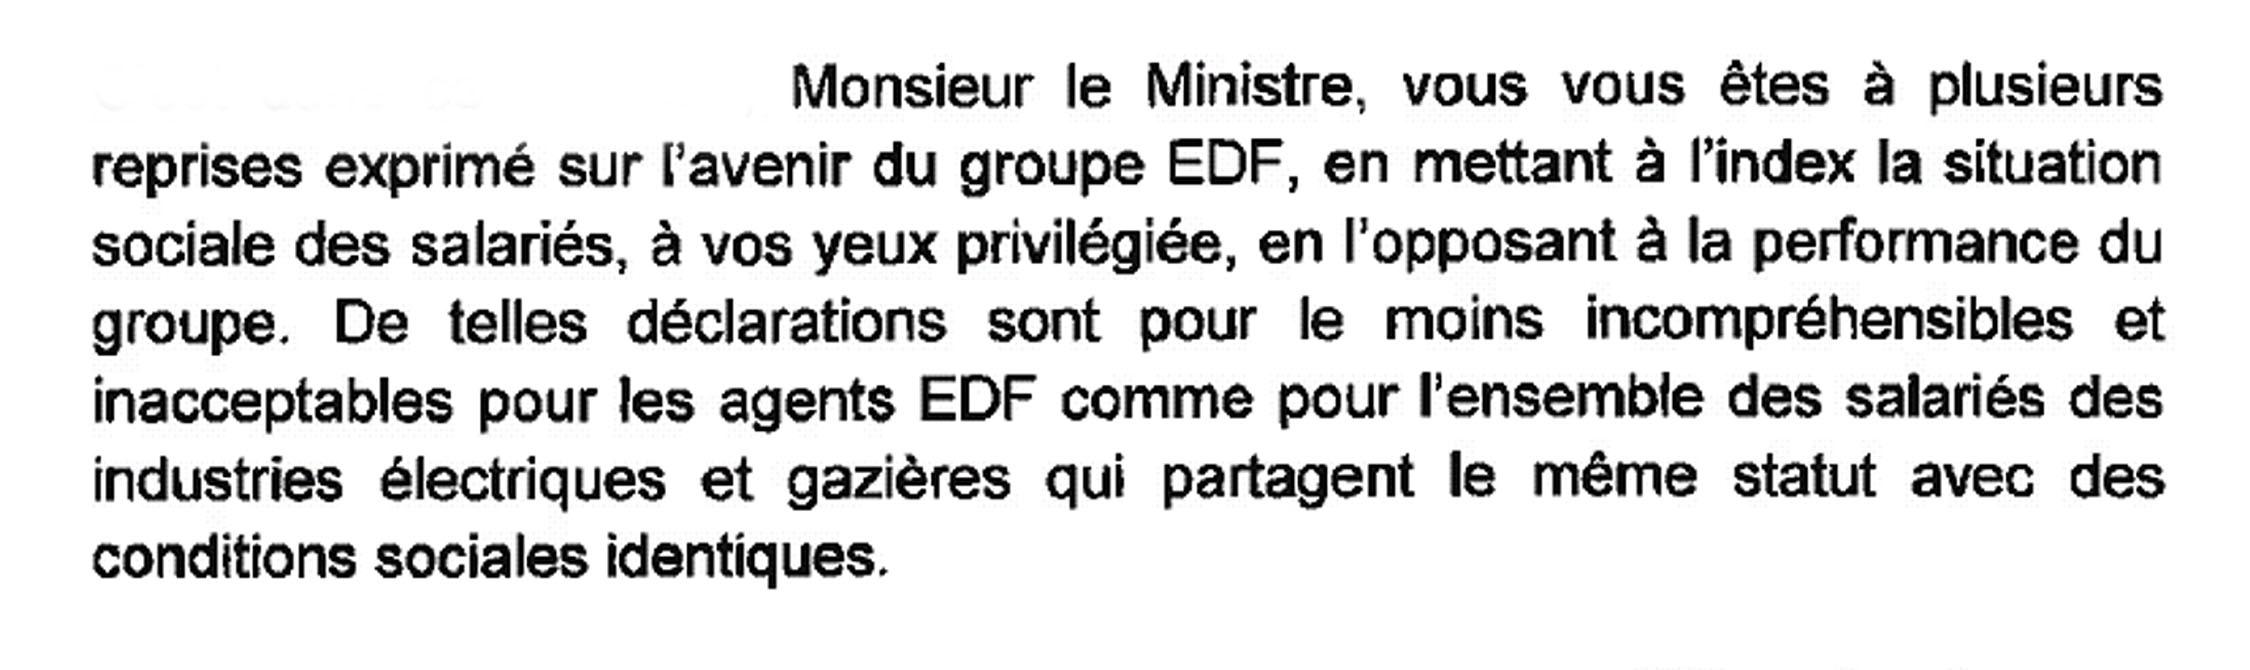 texte sur EDF Secrétariat général.JPG